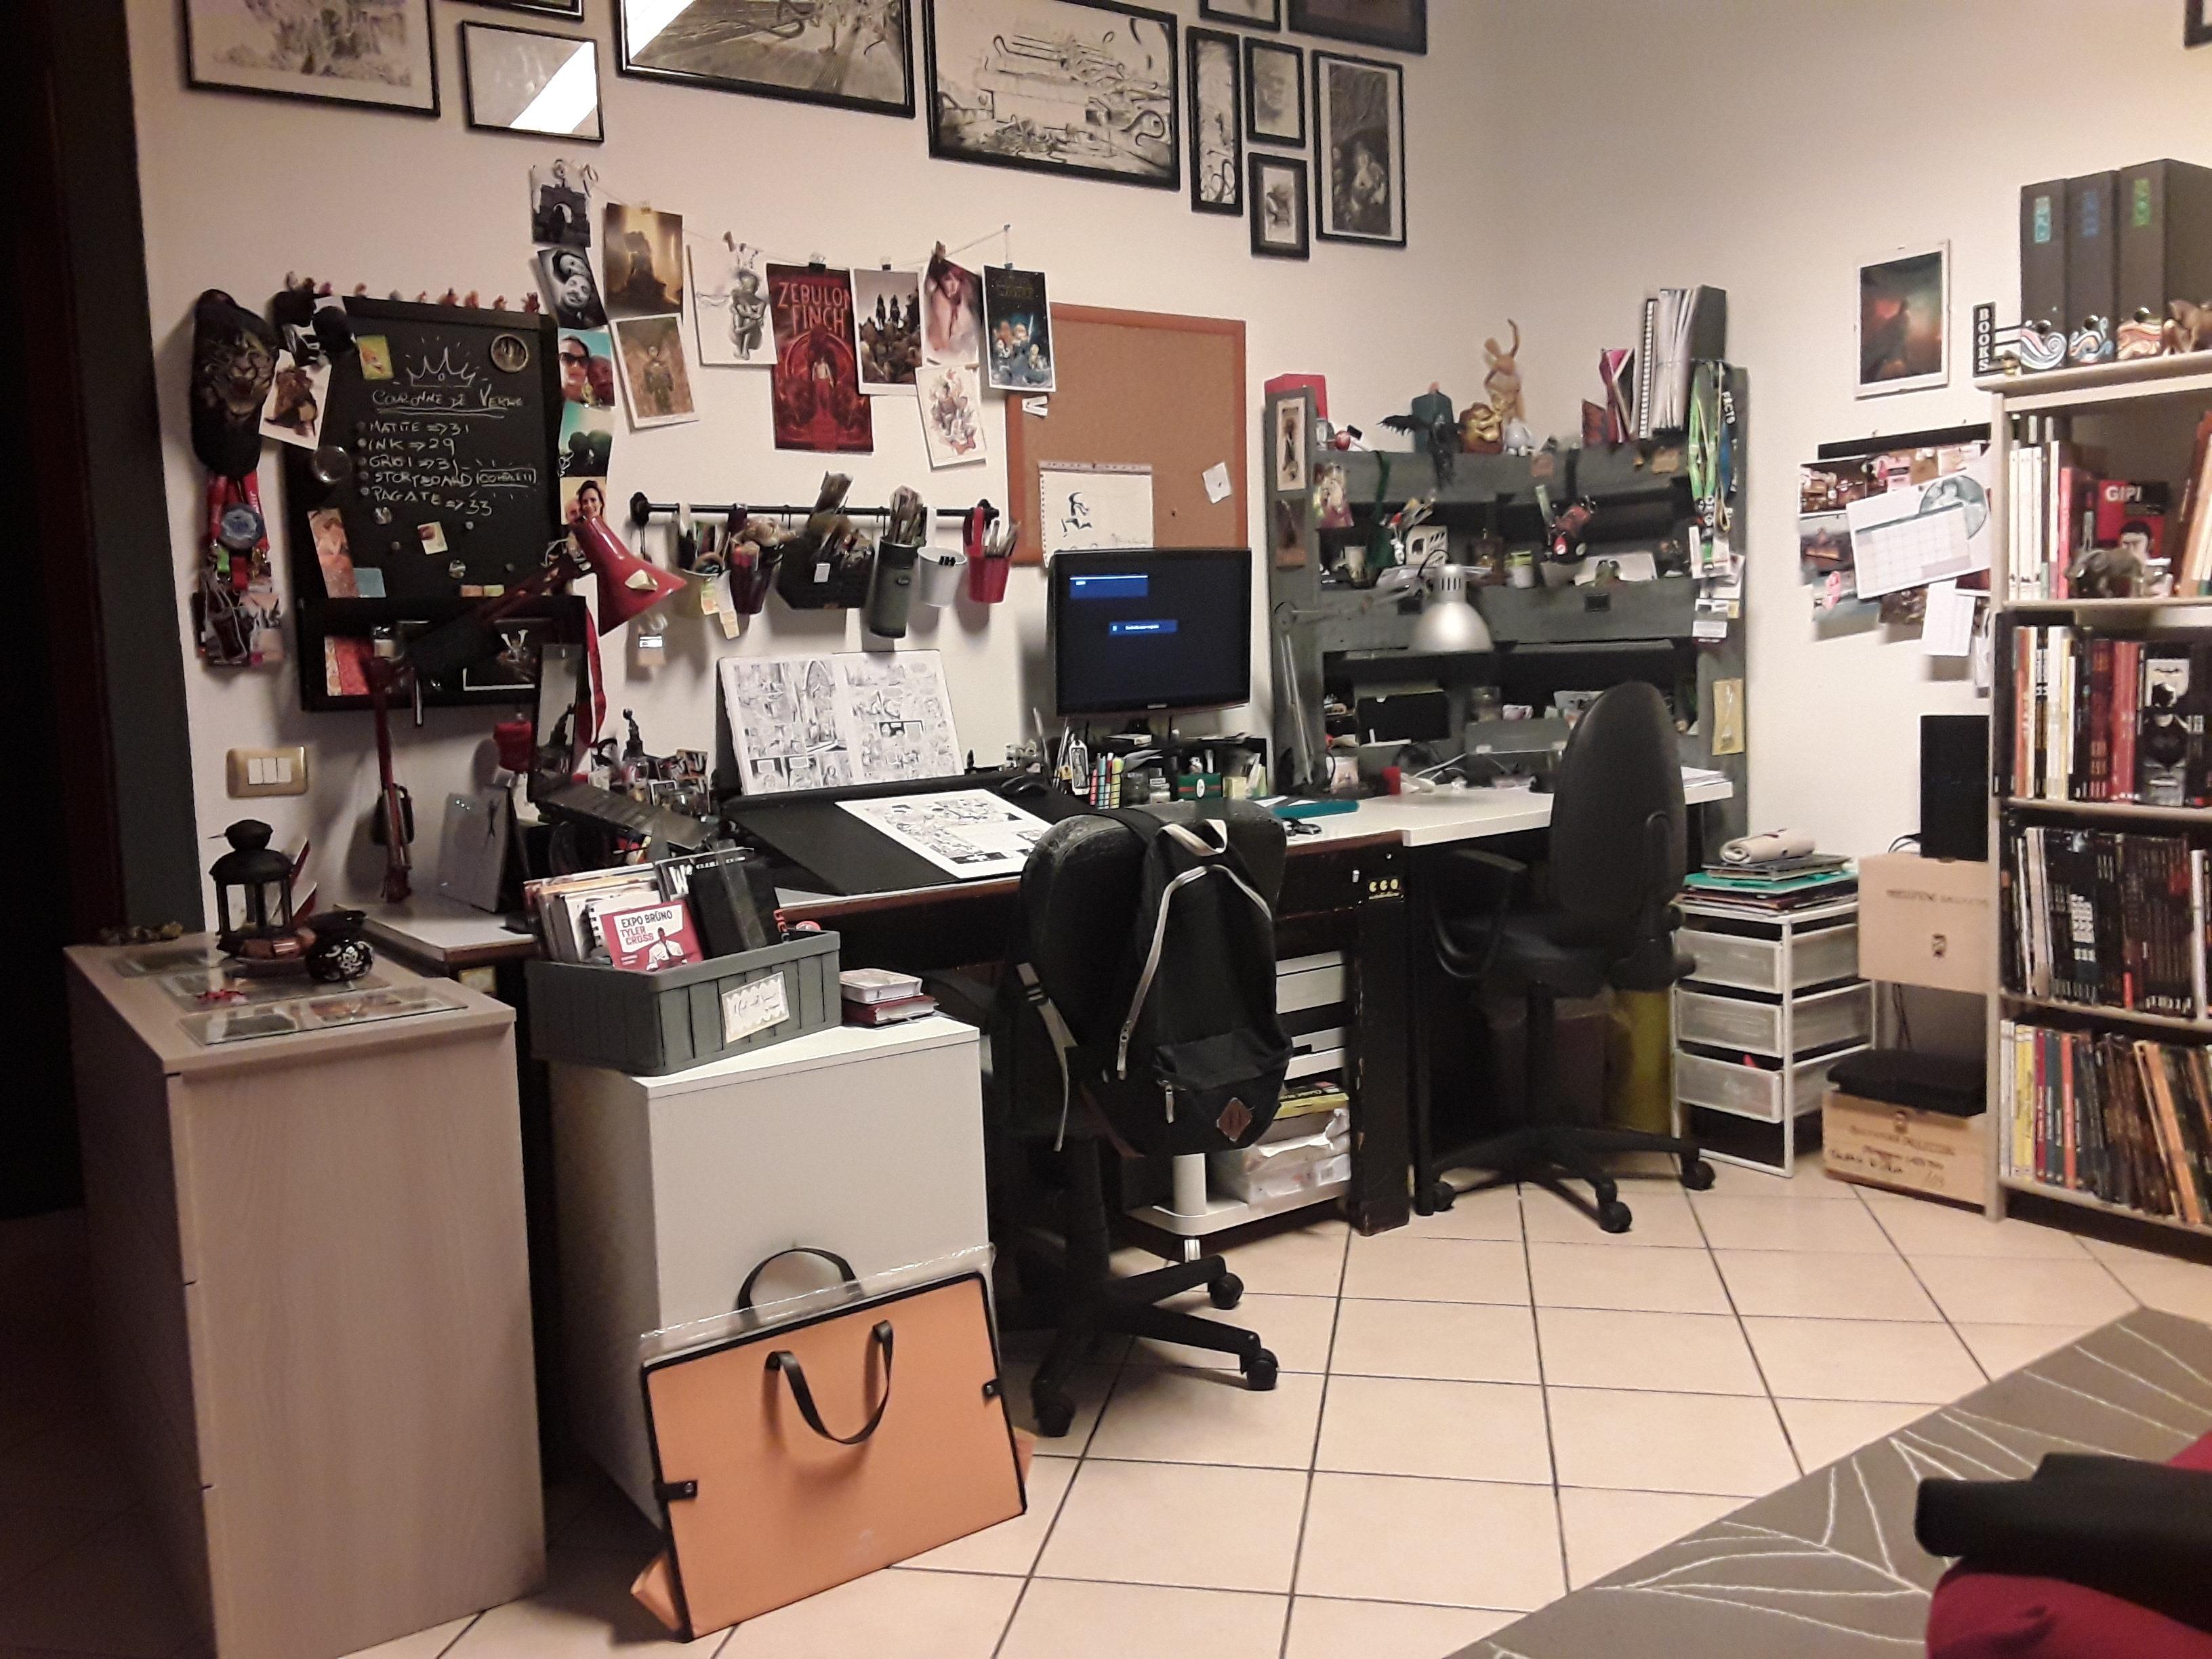 atelier-t-bennato-05